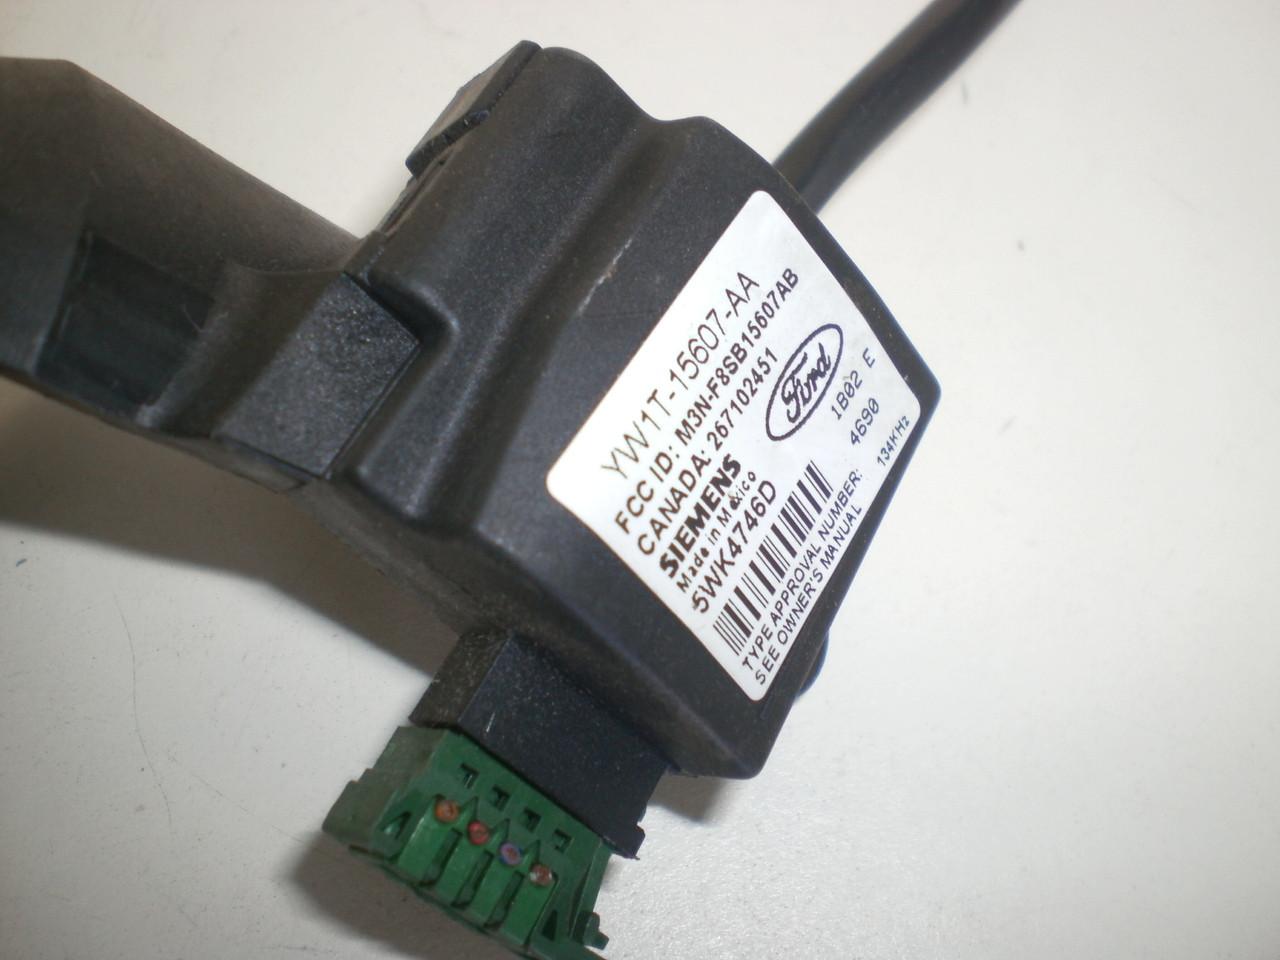 1996 1998 ford mustang pats key reader pick up anti theft 2006 ford explorer wiring harness 2006 ford explorer wiring harness 2006 ford explorer wiring harness 2006 ford explorer wiring harness